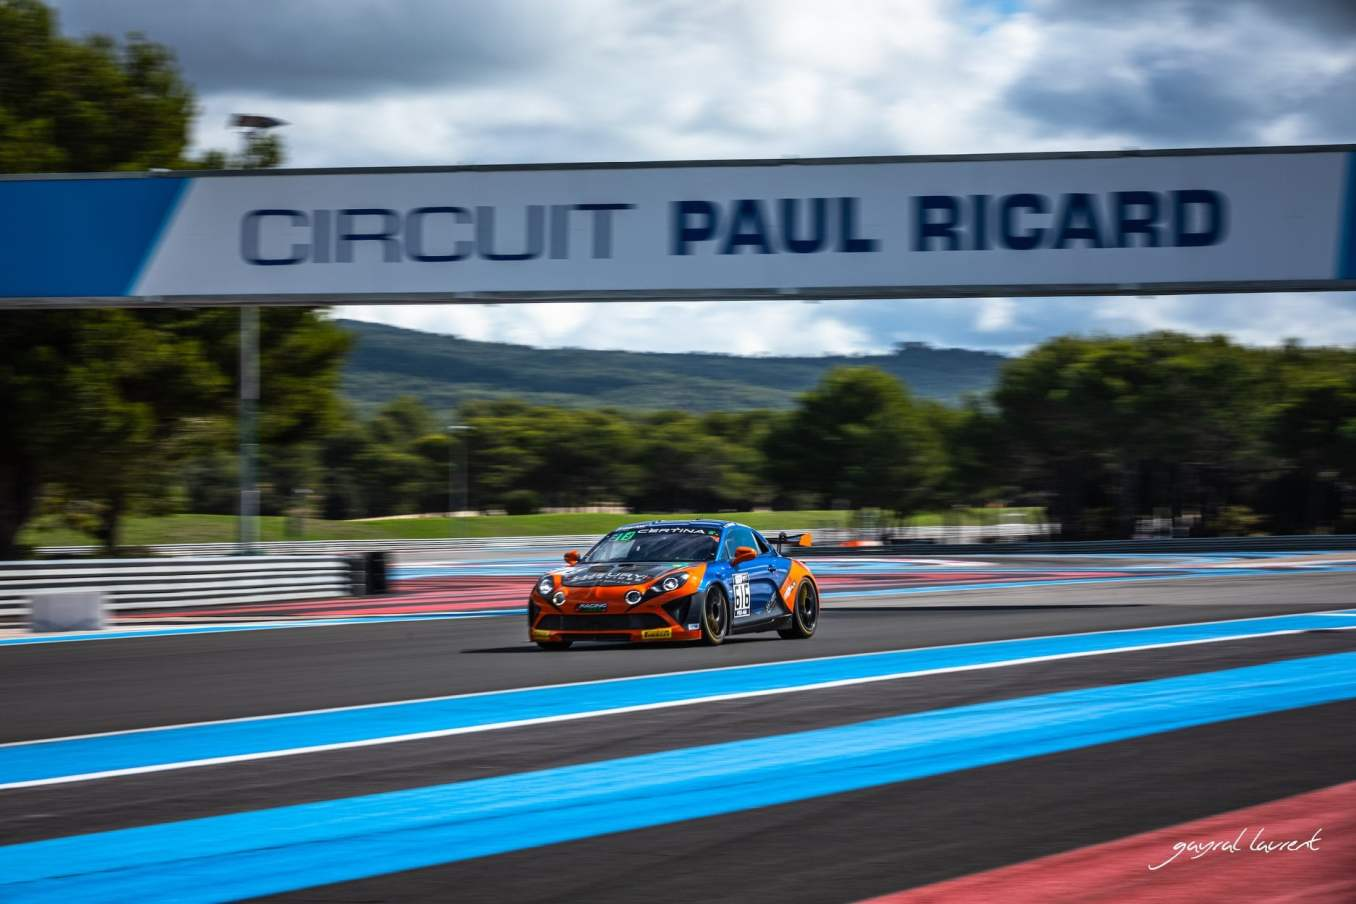 Alpine A110 GT4 FFSA GT Castellet Paul Ricard 2020 4 | Alpine A110 GT4 : Première victoire de Mirage Racing au Castellet en FFSA GT 2020